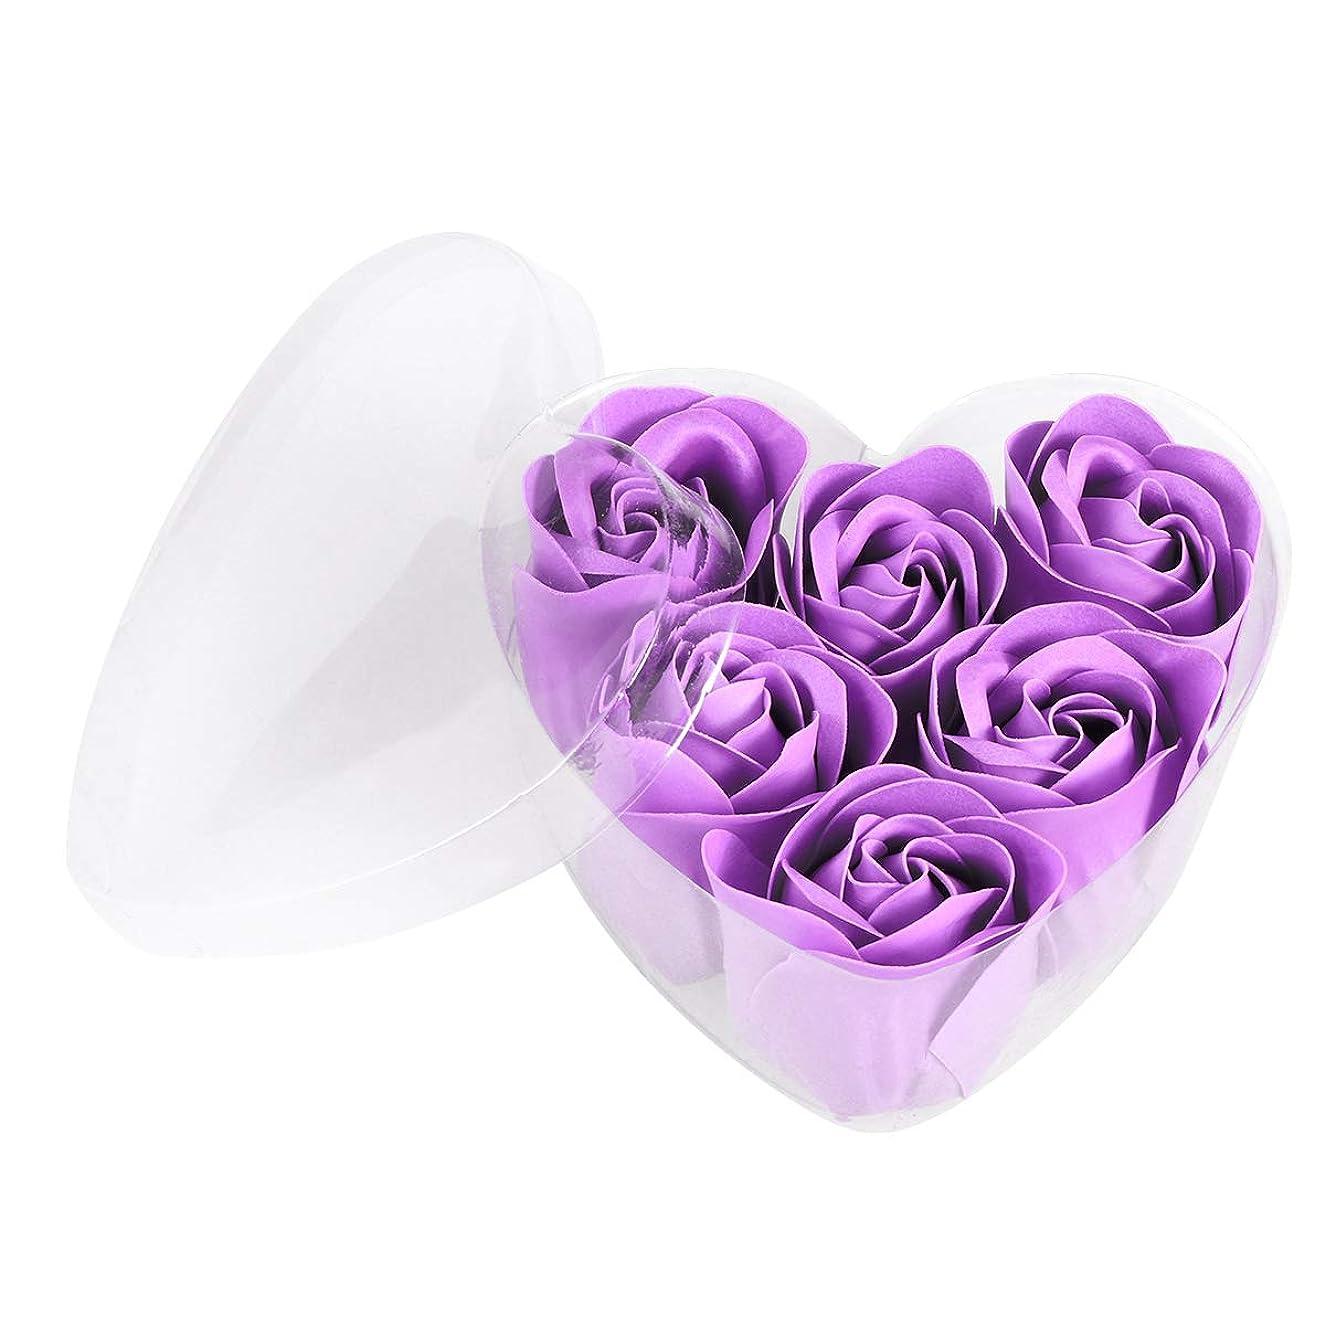 白い反逆者トランジスタBeaupretty 6本シミュレーションローズソープハート型フラワーソープギフトボックス結婚式の誕生日Valentin's Day(紫)